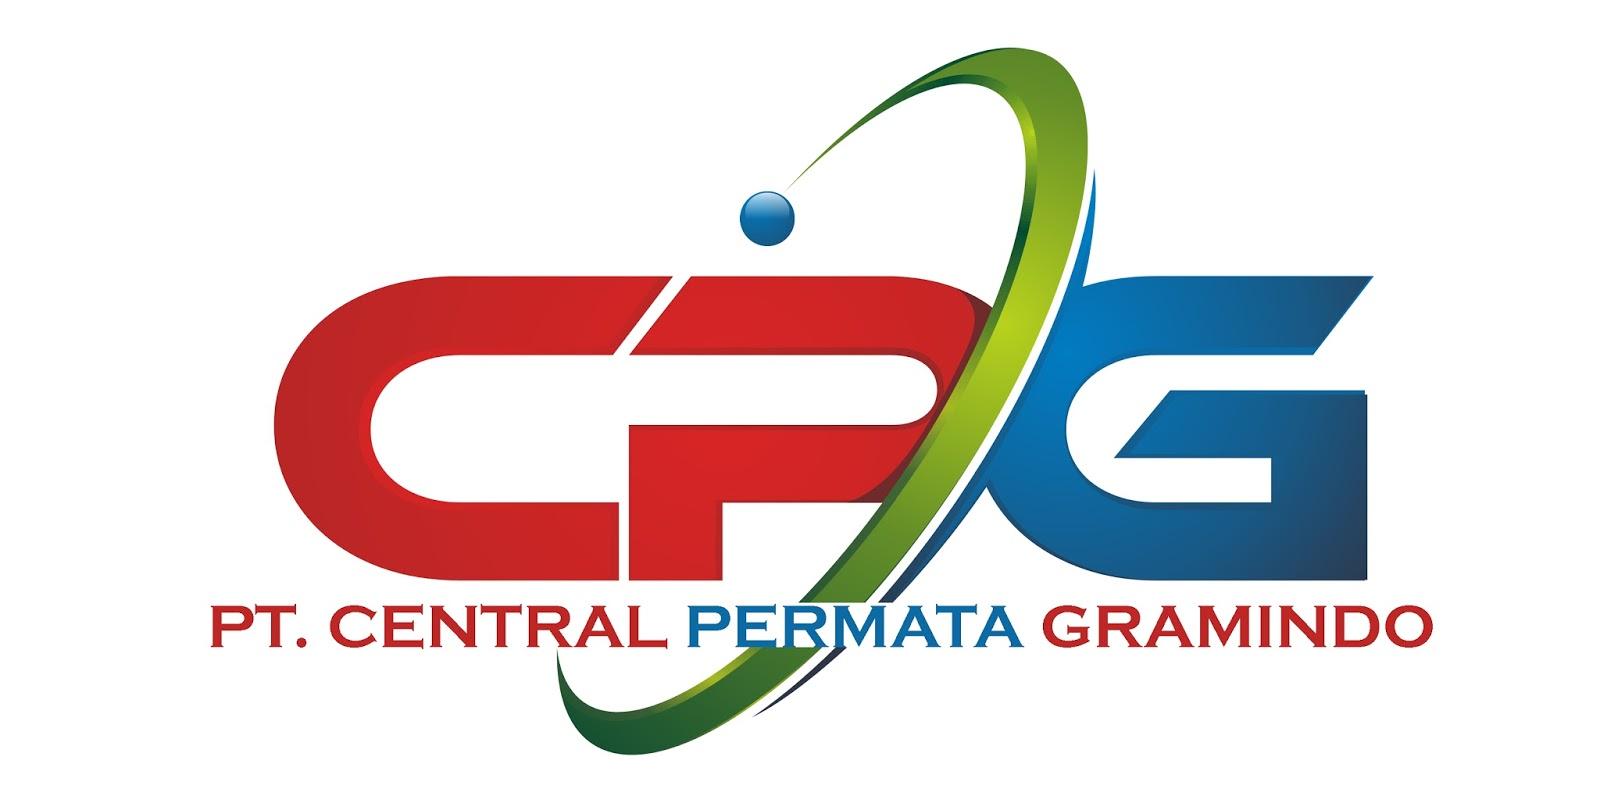 Lowongan Kerja Min SMP SMA SMK D3 S1 PT Central Permata Gramindo Bulan April 2018 Rekrutmen Tenaga Baru Besar-Besaran Seluruh Indonesia